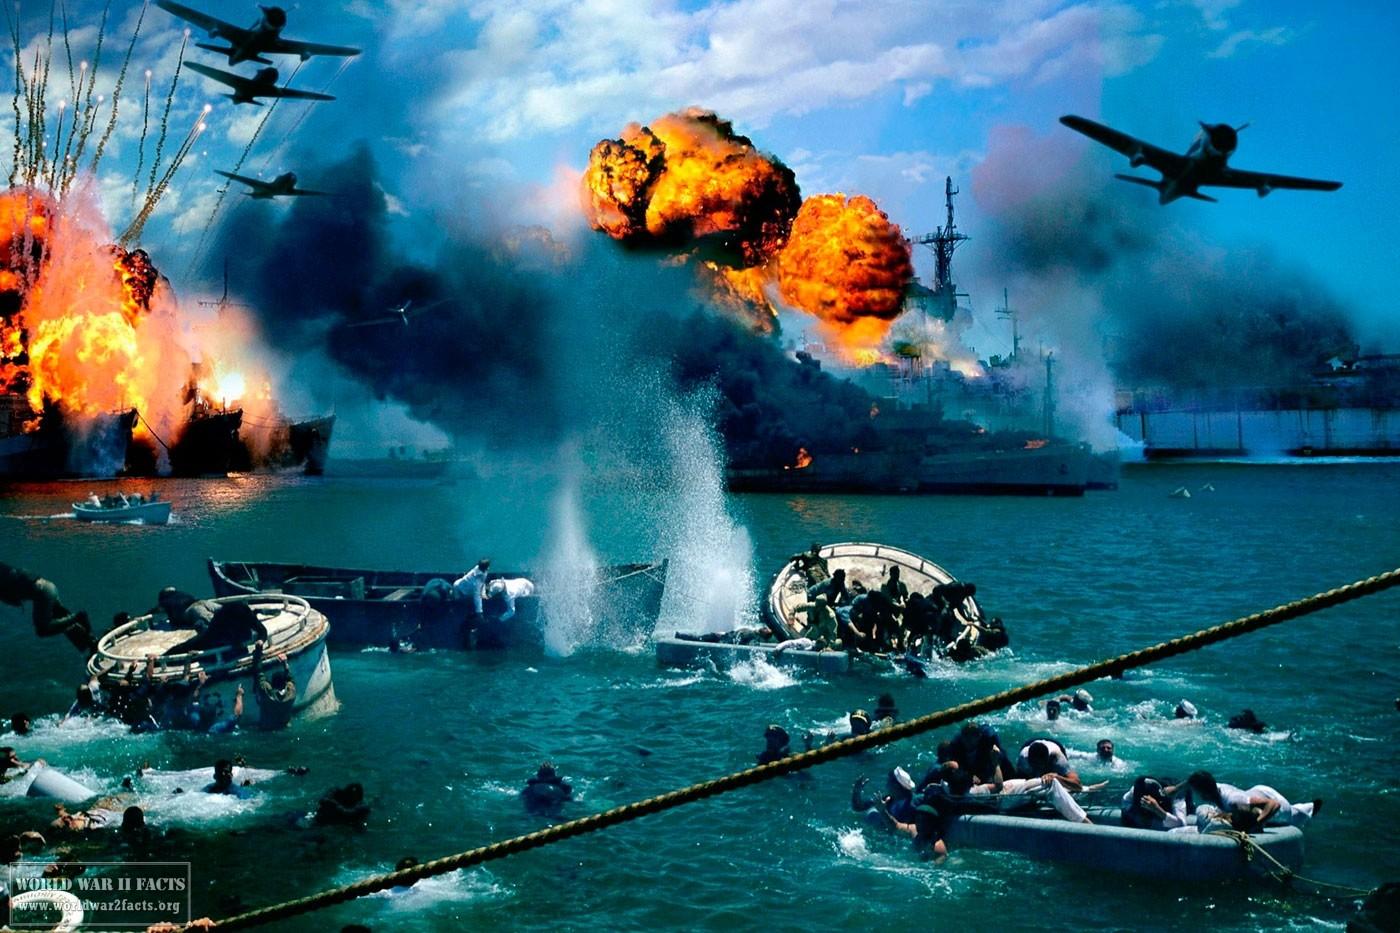 ضرب ميناء بيرل هاربور